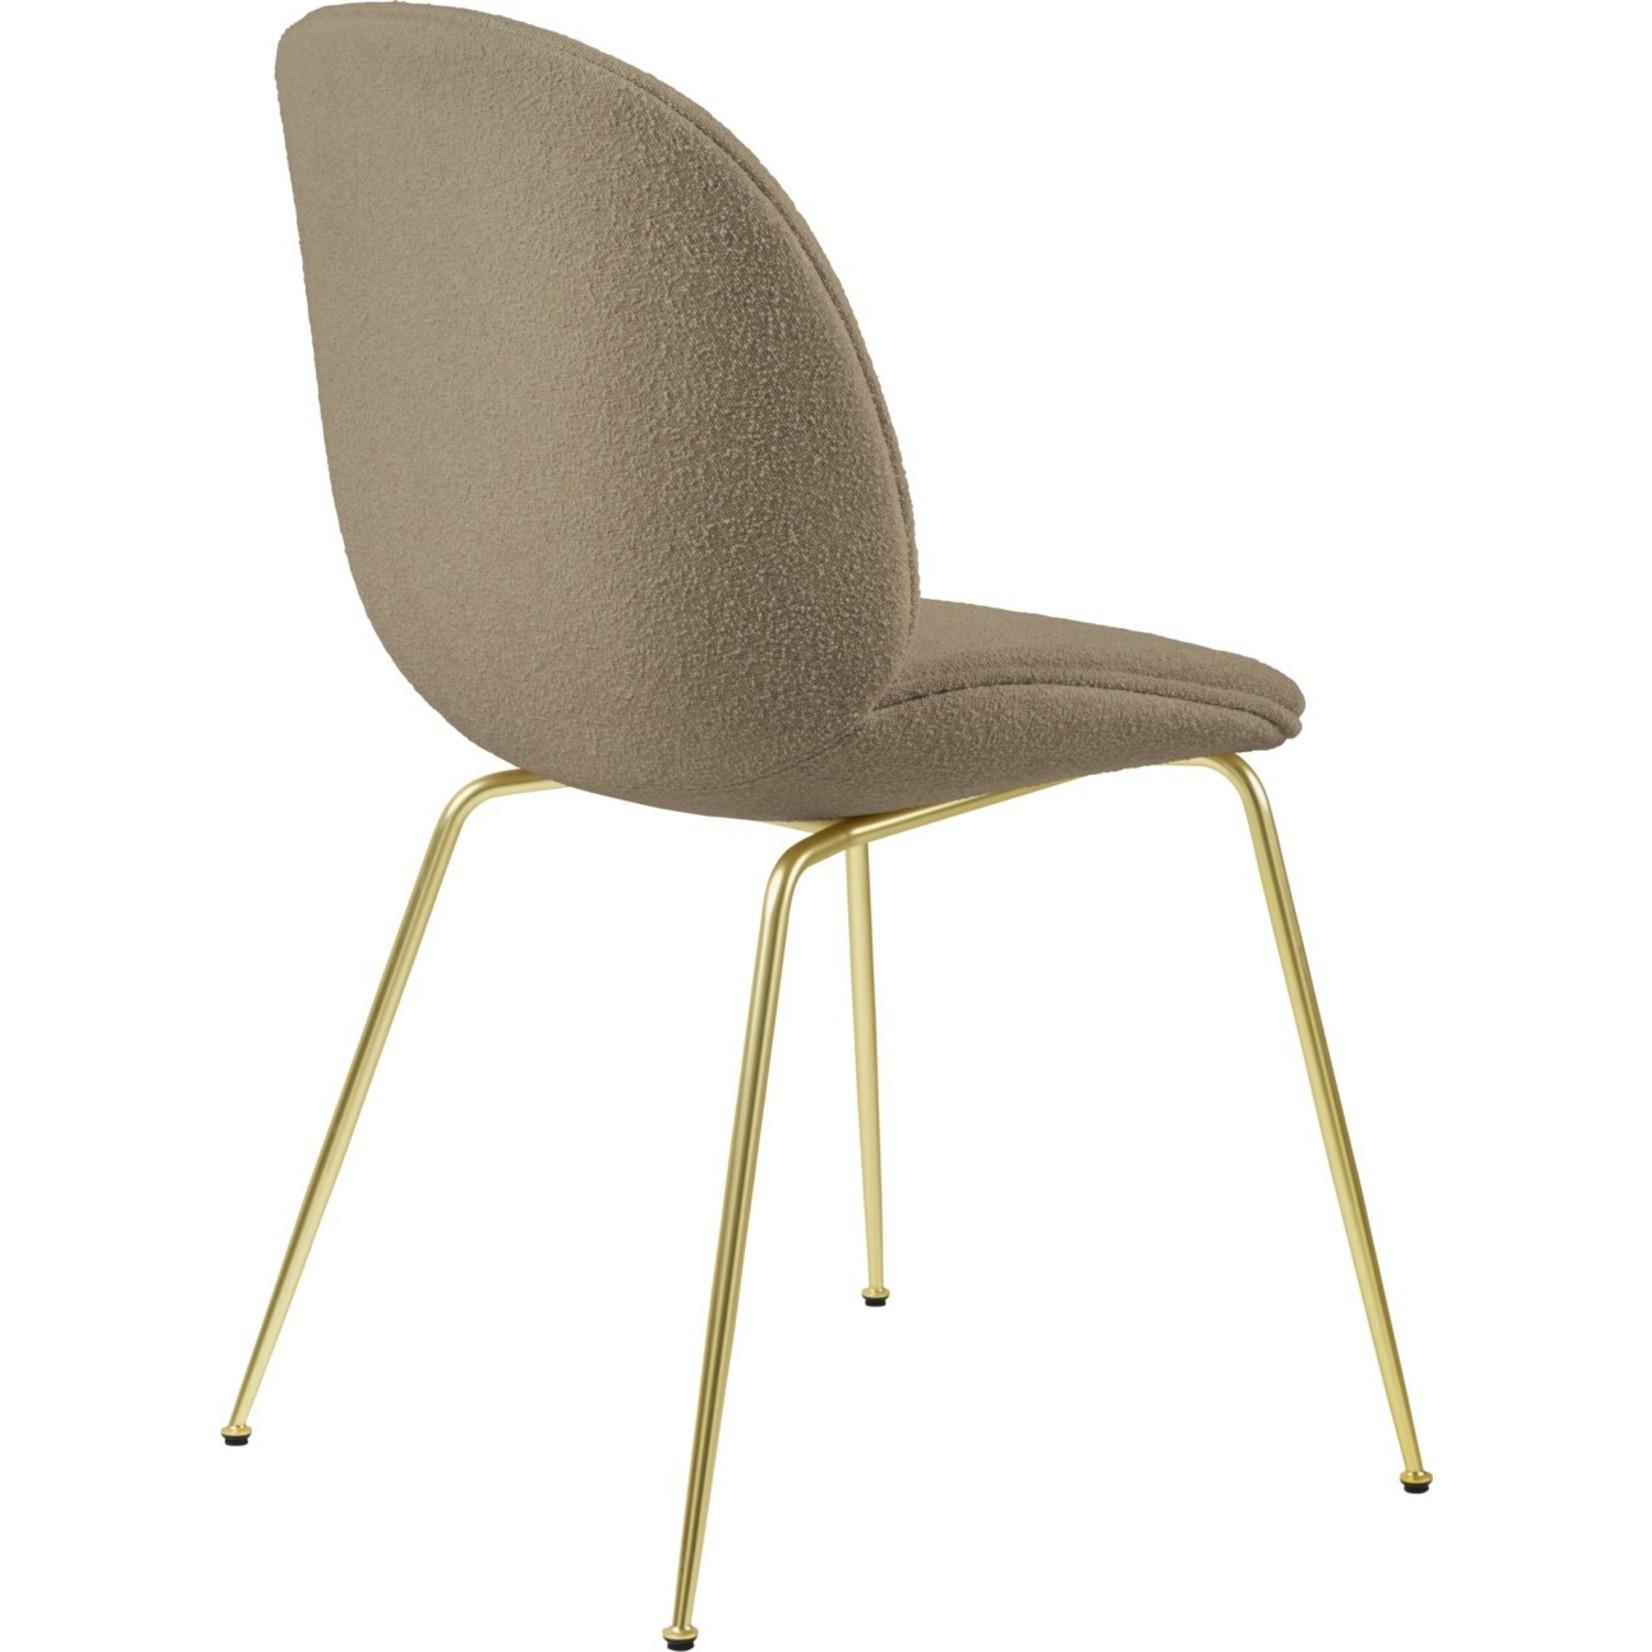 Gubi Beetle Dining Chair | Light Bouclé 003 & Brass Semi Matt Base